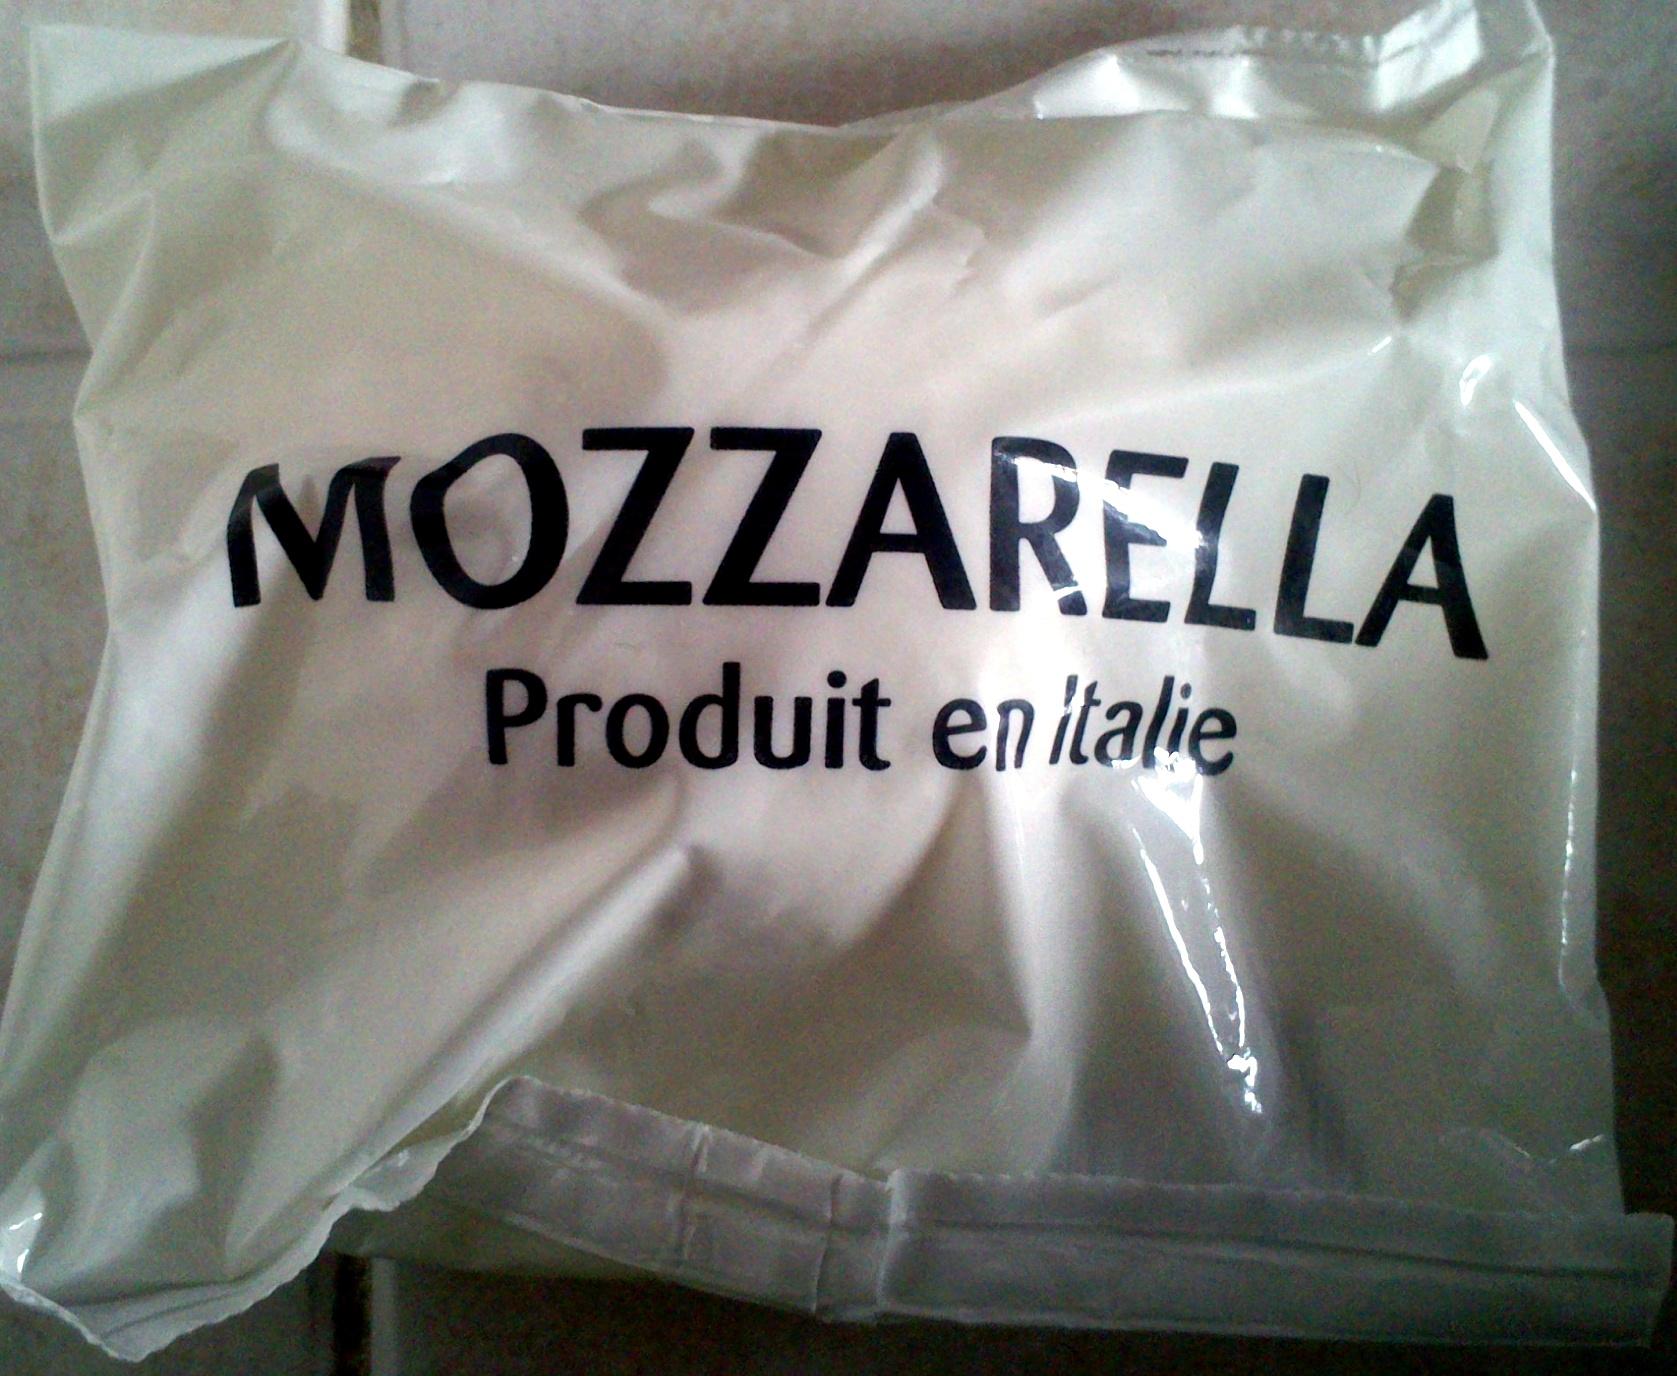 Mozzarella (17% MG) - 210 g - Nuova Castelli - Product